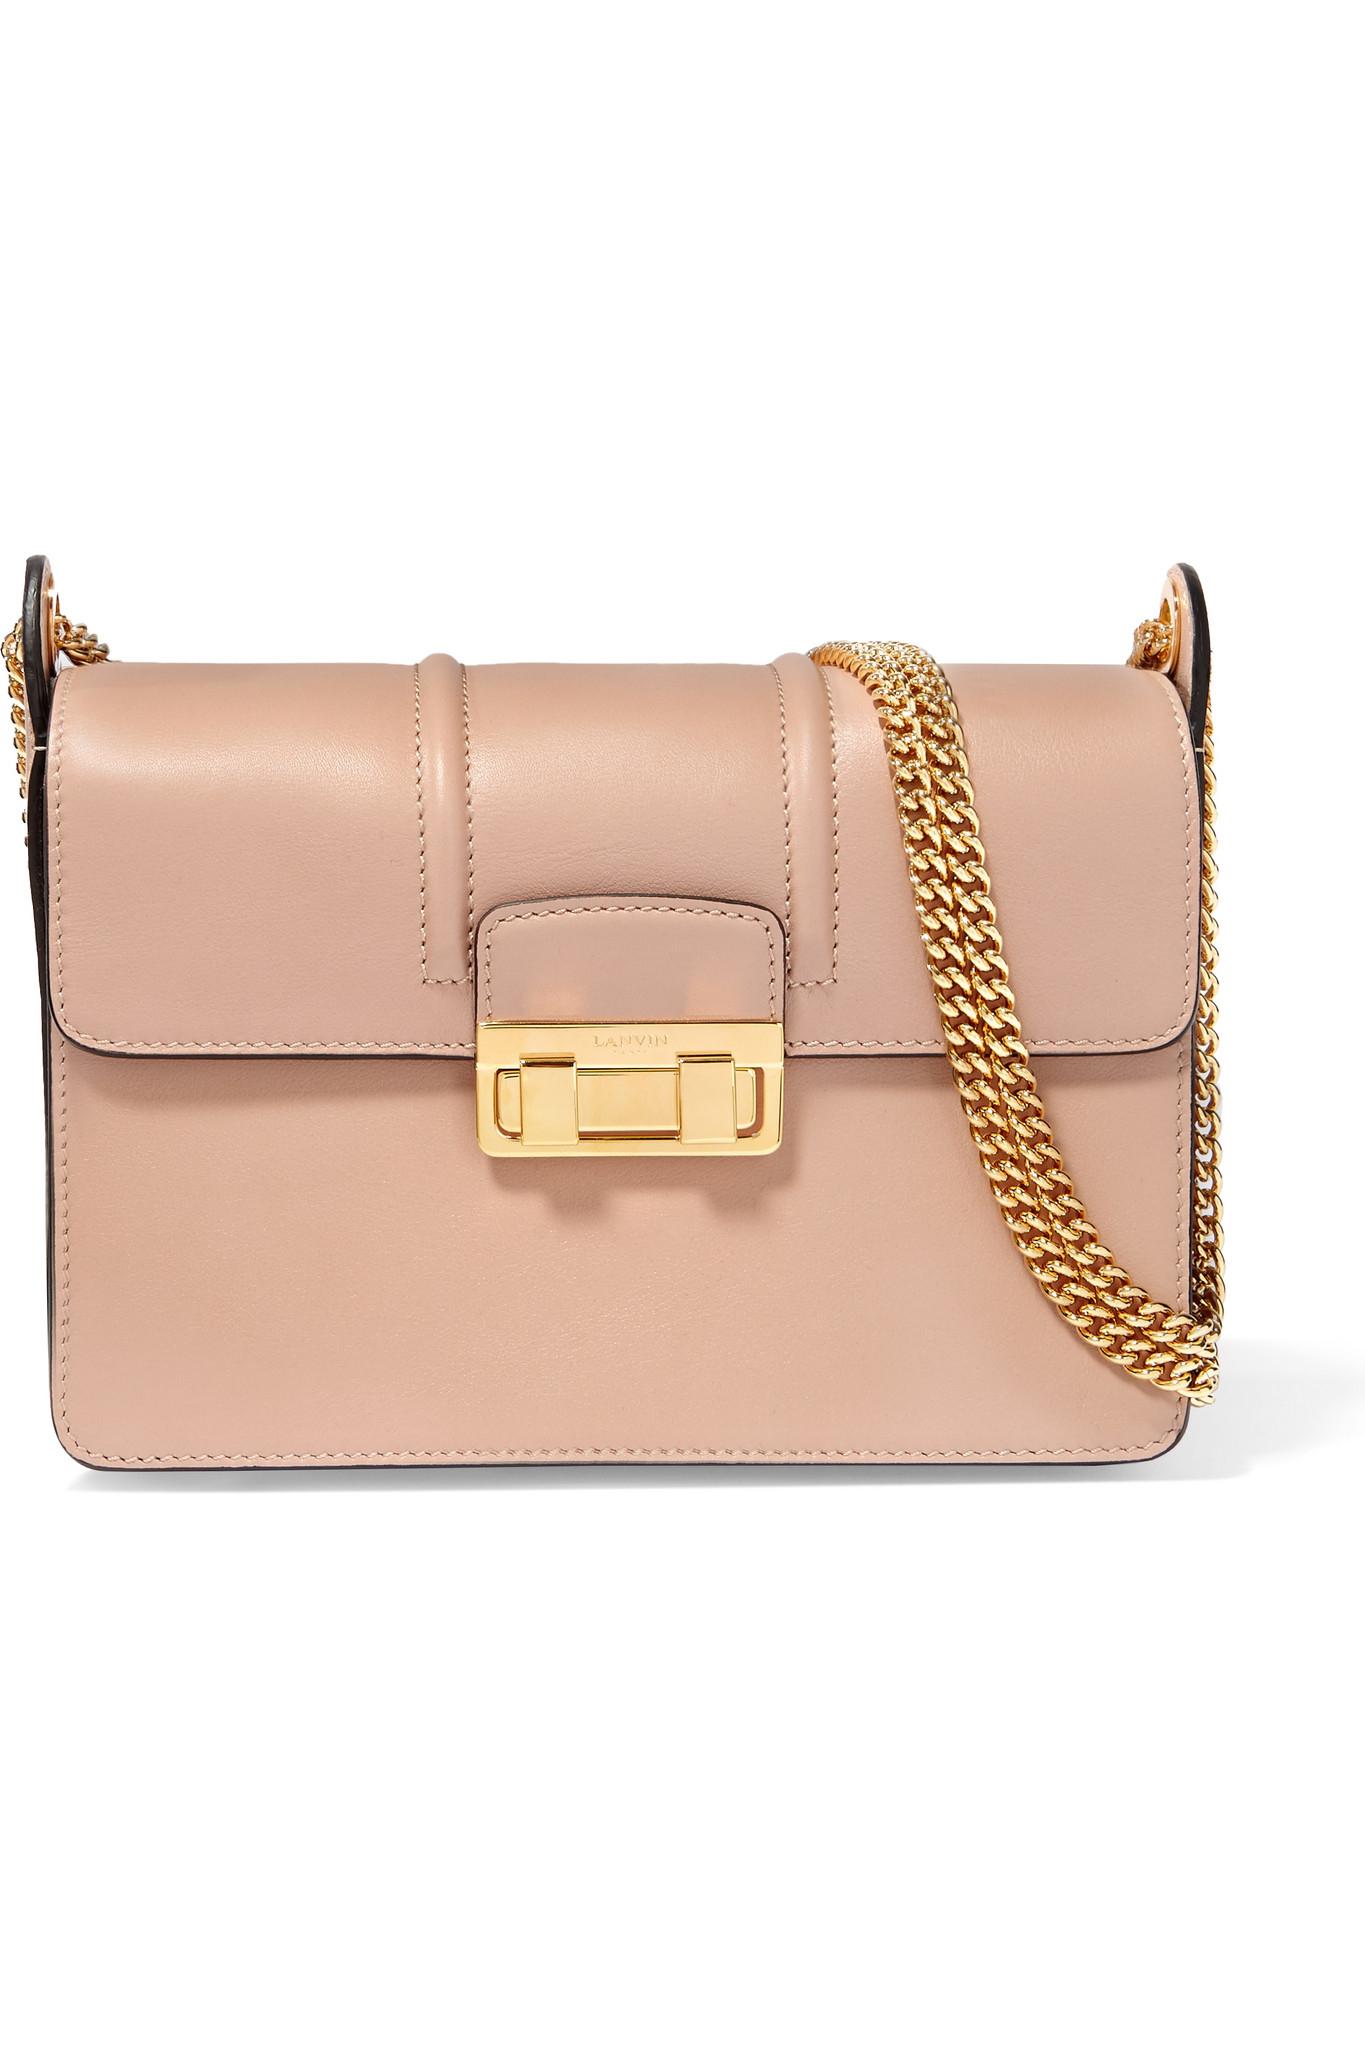 Lanvin Jiji Small Leather Shoulder Bag | Lyst